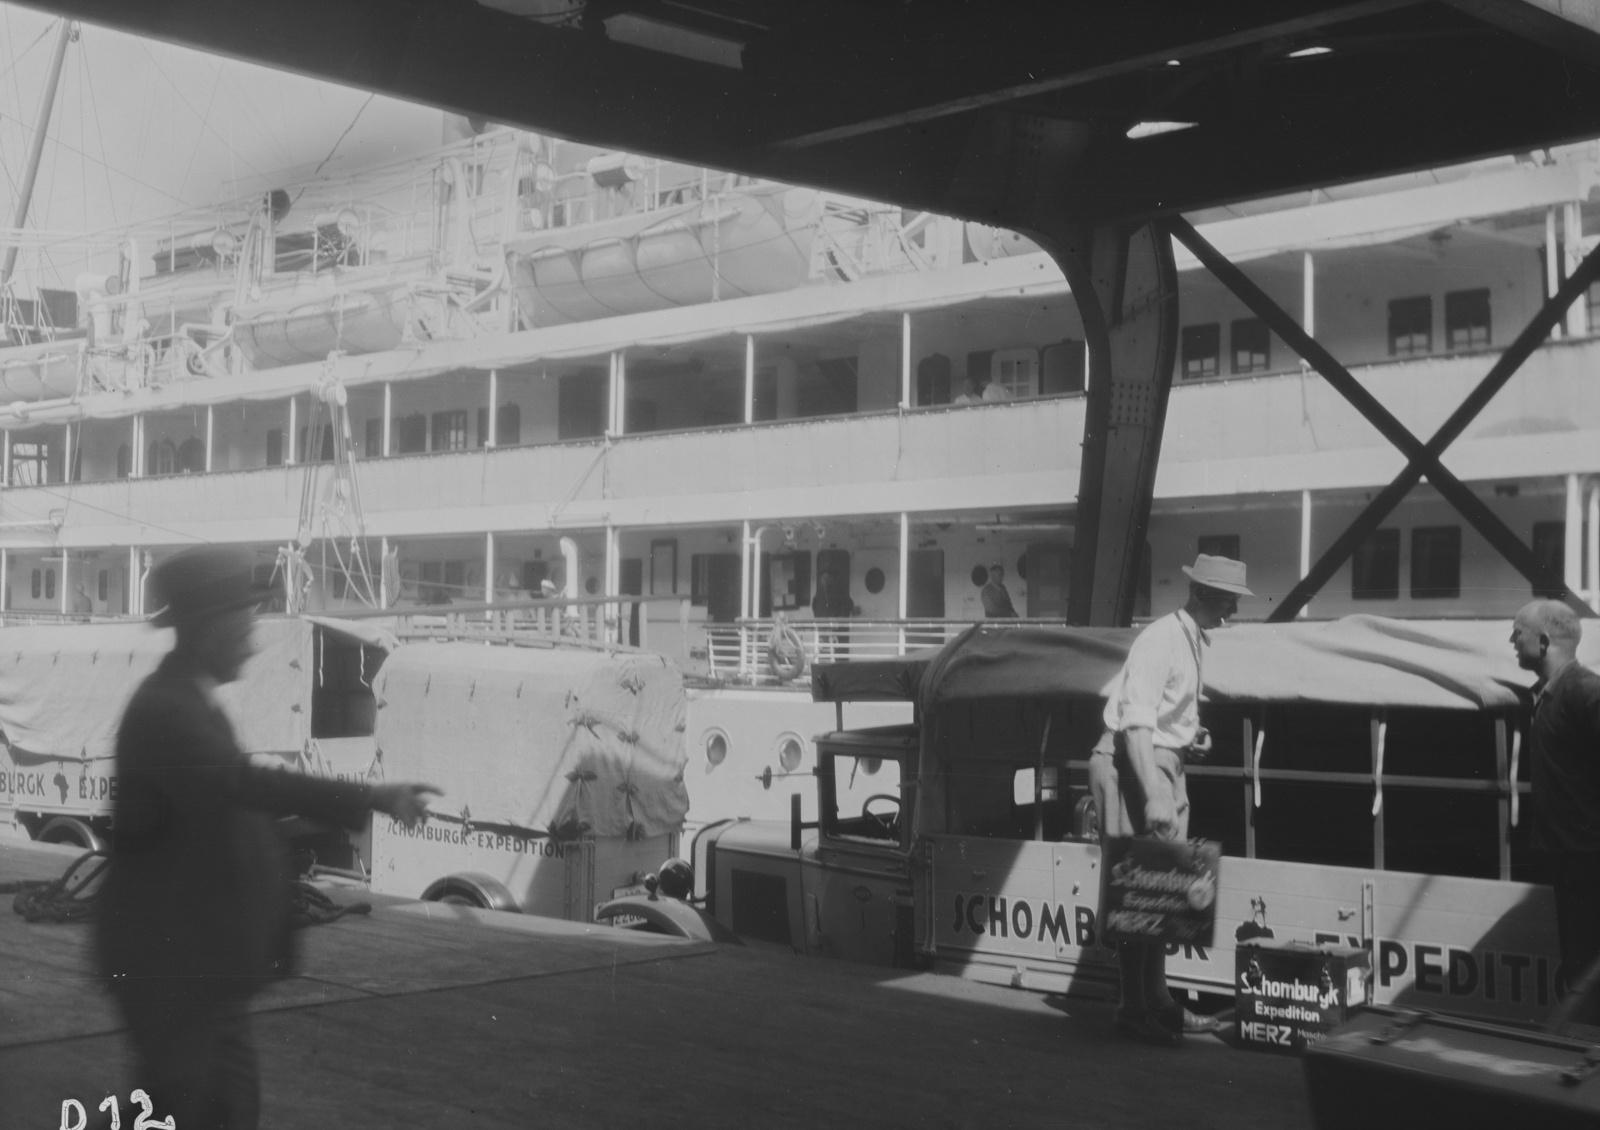 Гамбург. Участники экспедиции в порту